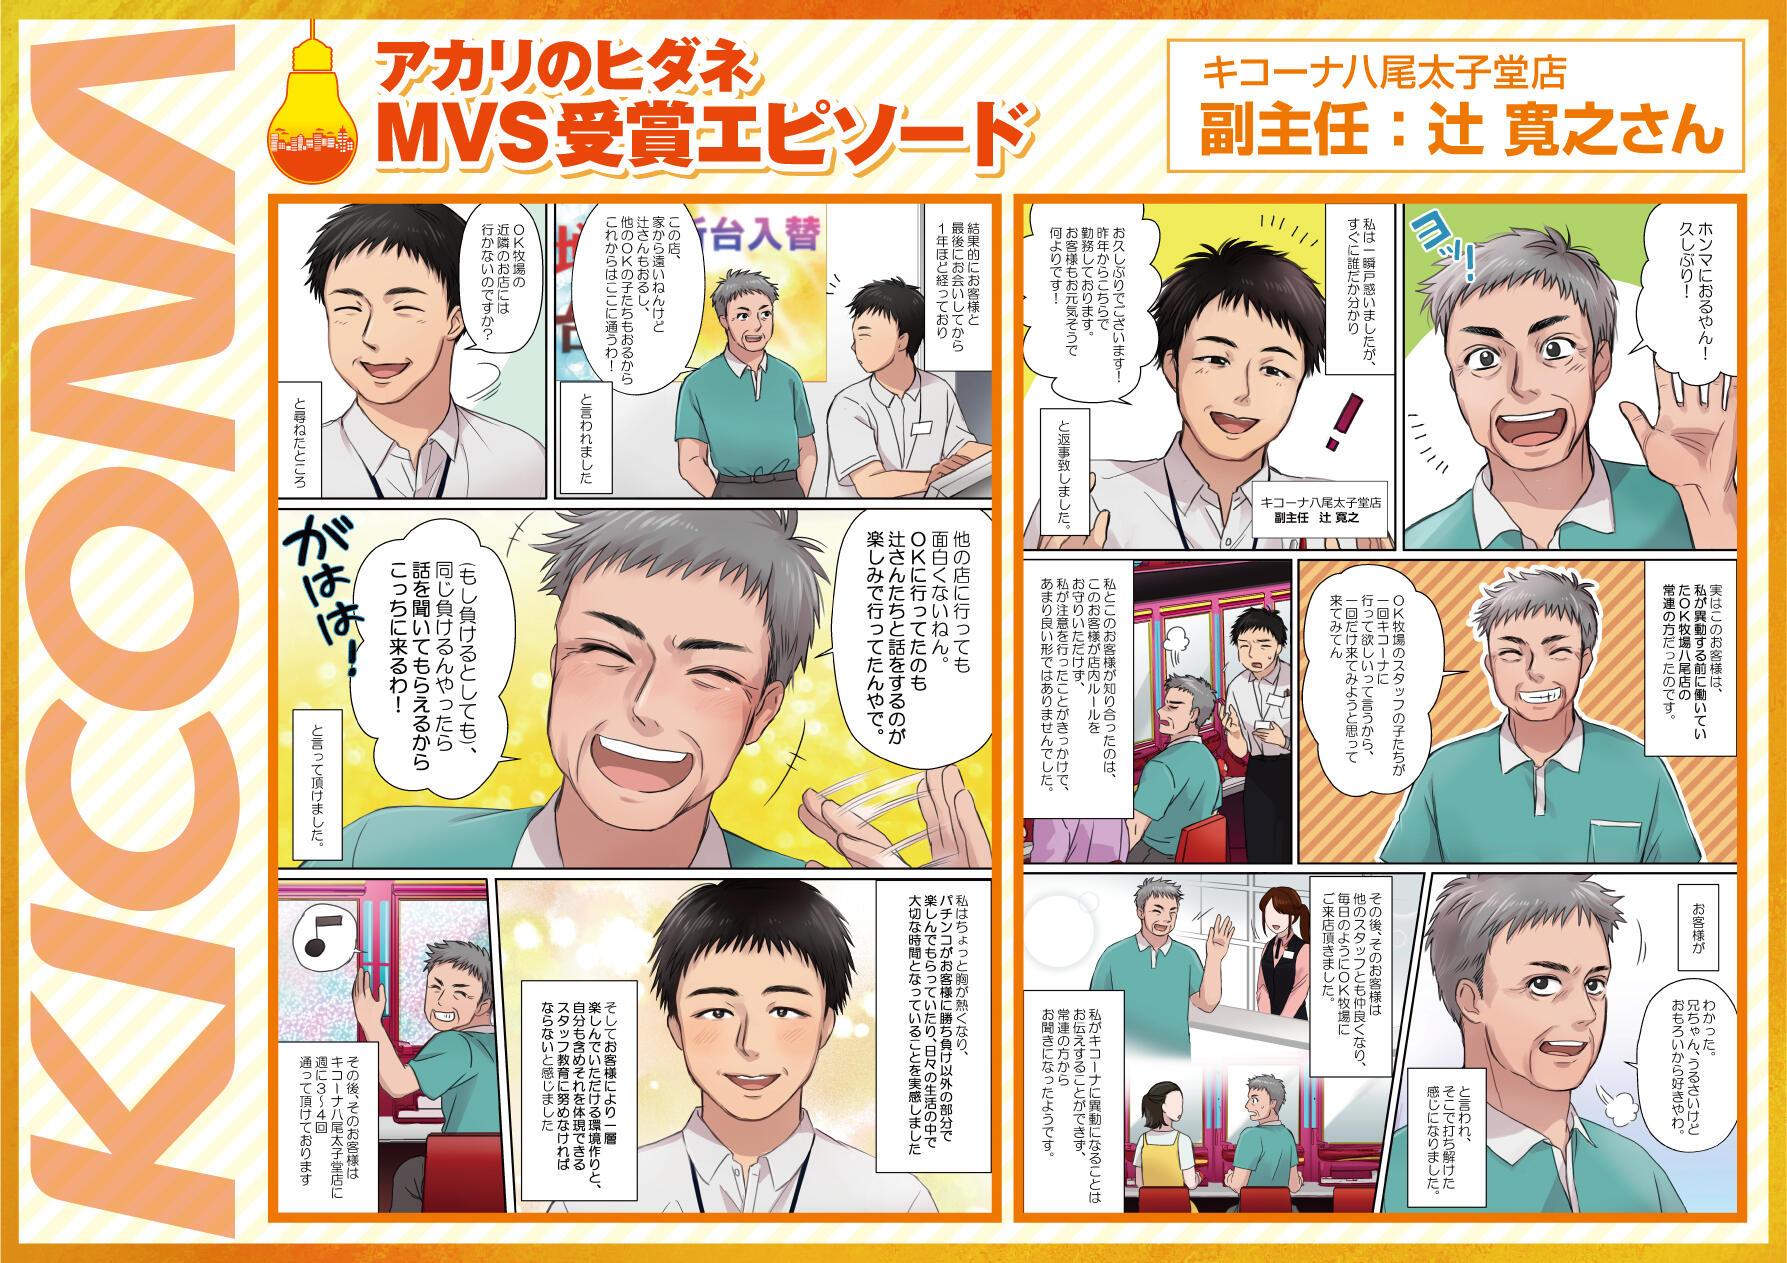 アカリノヒダネ_MVS受賞エピソード_関西訂正版.jpg